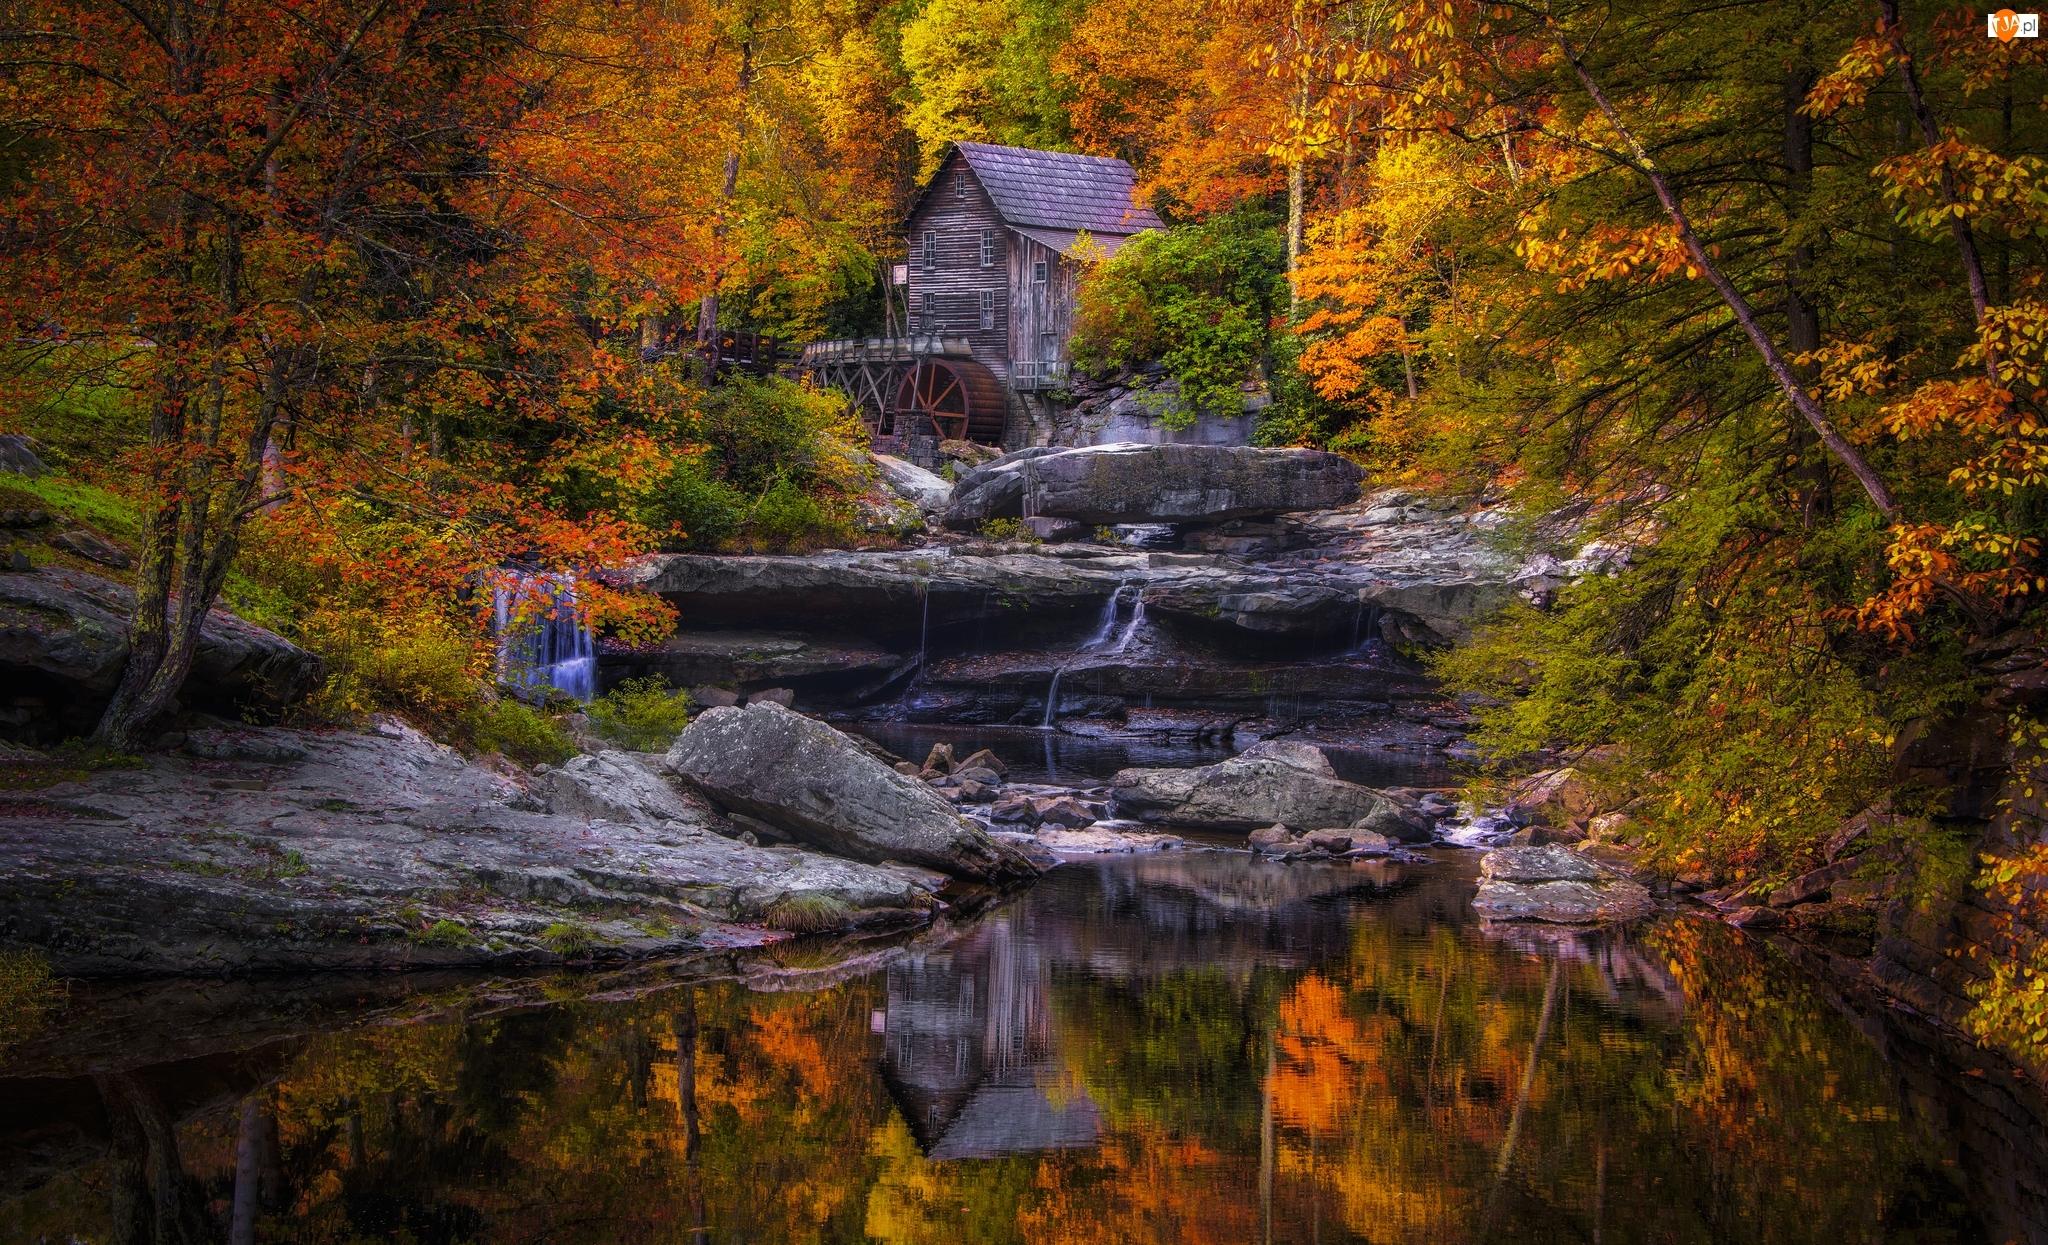 Park Stanowy Babcock, Jesień, Stany Zjednoczone, Kamienie, Wirginia Zachodnia, Młyn